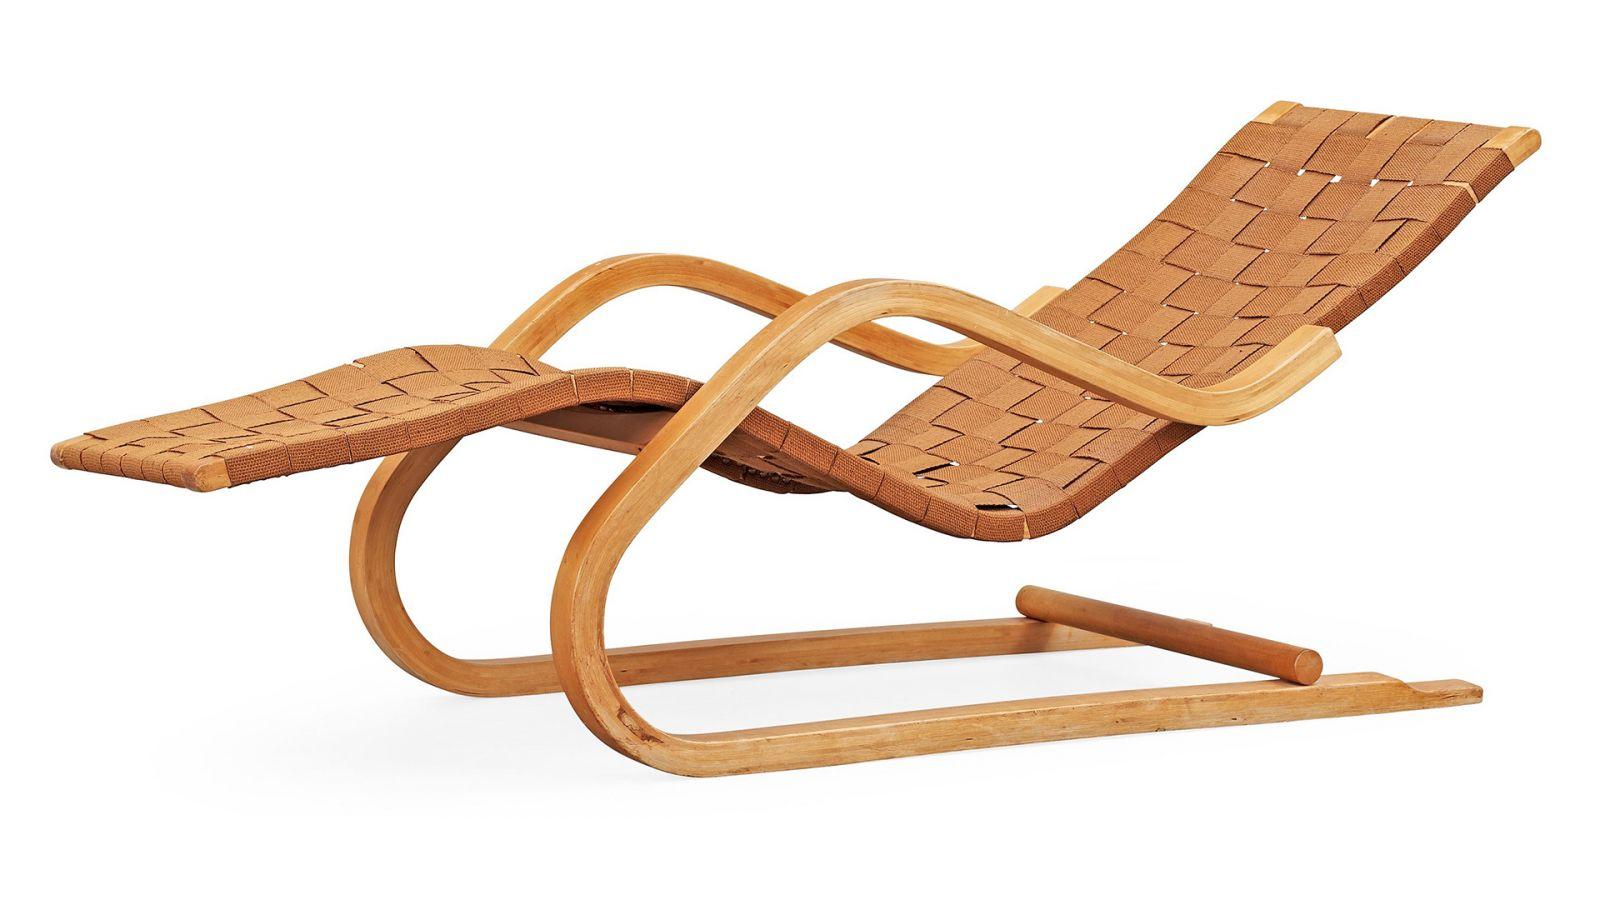 chaise longue design vintage en bois pour le jardin alvar aalto meuble et d coration marseille. Black Bedroom Furniture Sets. Home Design Ideas